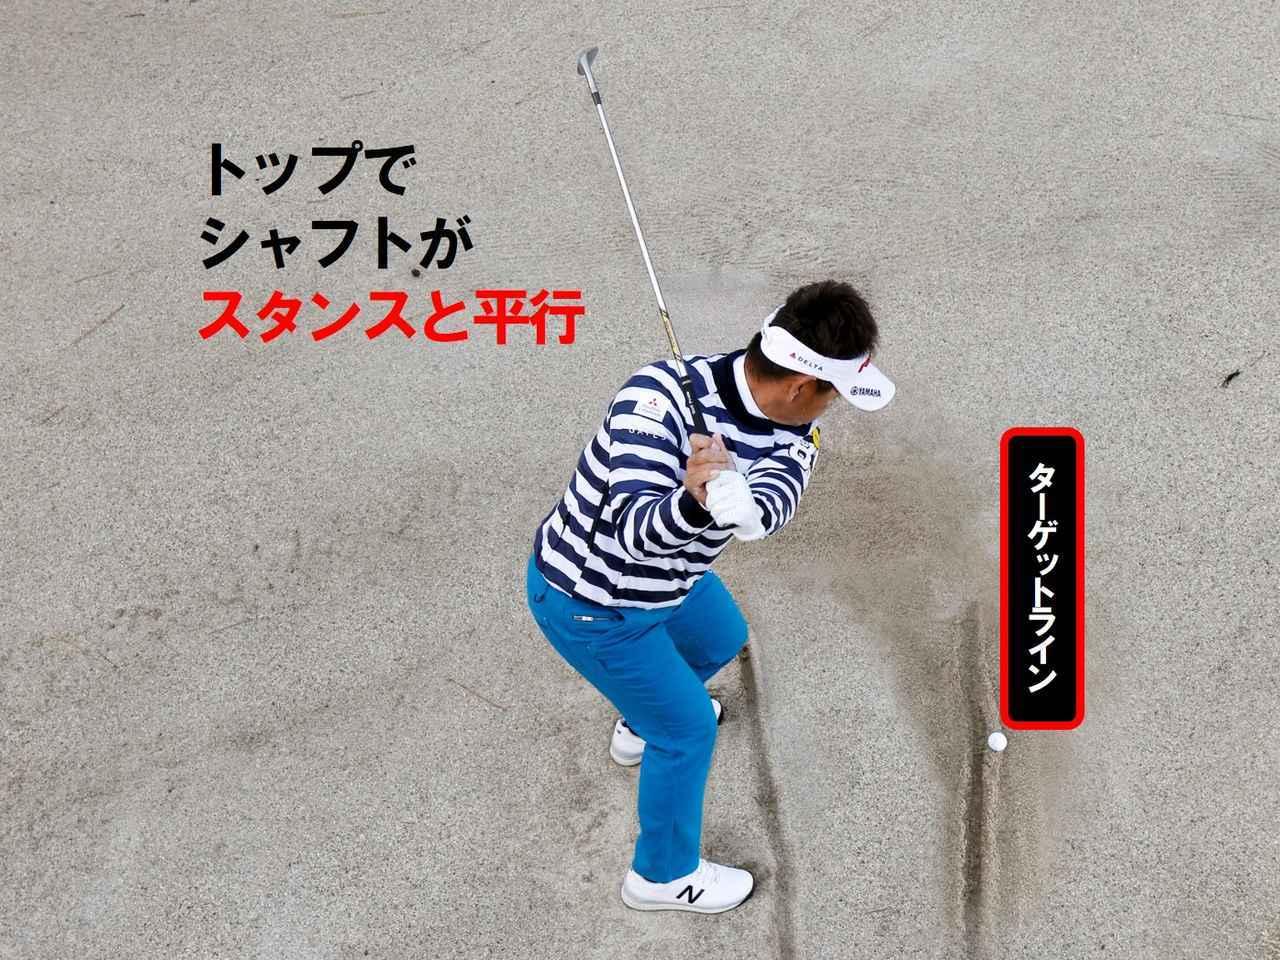 画像: 【左に振っても球は目標方向へ】手の位置、シャフトの向きはスタンスに対してスクェアに振っている証拠。「球はフェースの向く方向へ飛ぶので問題ありません」(藤田)